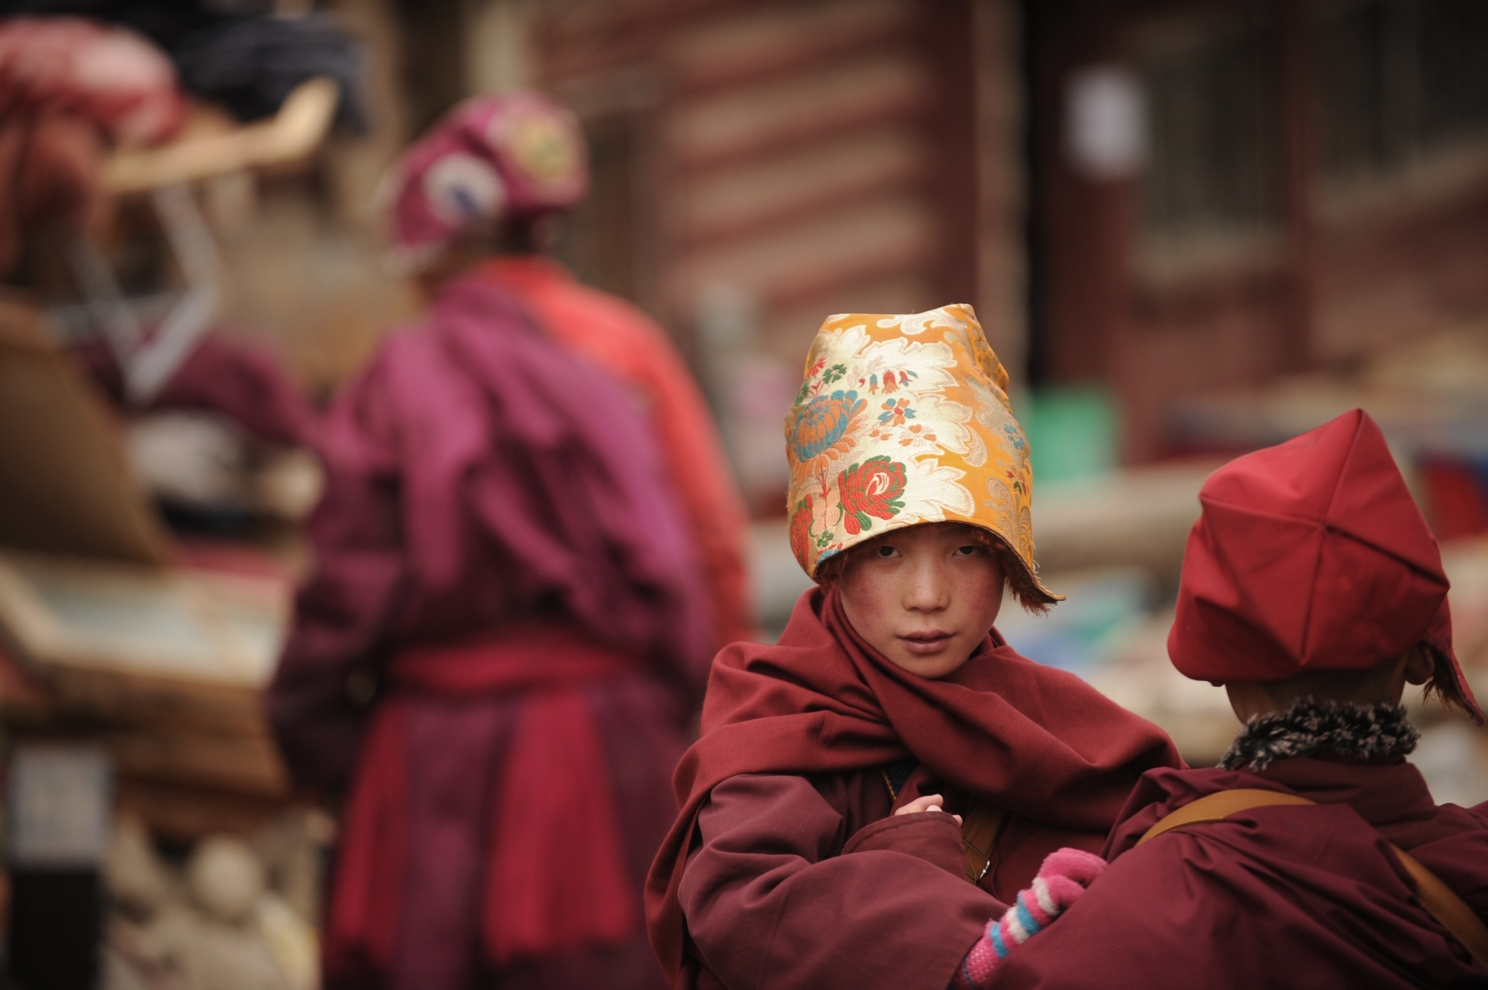 Bức ảnh chụp ngày 4/4/2013 này cho thấy một nữ tu sĩ Phật giáo tập sự đi qua Tu viện Seda, trường Phật giáo Tây Tạng lớn nhất trên thế giới, có tới 40.000 tăng ni cư trú trong một số thời điểm trong năm. Seda, được người Tây Tạng gọi là Serthar nằm ở quận Ganzi ở phía tây tỉnh Tứ Xuyên của Trung Quốc và đã trở thành tâm điểm của các cuộc biểu tình và bạo lực kể từ cuộc nổi dậy của người Tây Tạng vào tháng 3/2008. Hơn 110 người Tây Tạng đã xuống đường từ năm 2009, trong đó hầu hết đã chết vì những thương tổn họ phải chịu, trong các cuộc biểu tình chống lại cái mà họ coi là sự đàn áp của ĐCSTQ. Tuy nhiên, Bắc Kinh bác bỏ những cáo buộc này và nhắc đến những đầu tư đáng kể vào Tây Tạng và các khu vực khác có đông dân cư Tây Tạng. Mặc dù vậy, các nhà phê bình khẳng định, đi kèm với sự phát triển kinh tế là một làn sóng Hán hóa các dân tộc thiểu số, và làm xói mòn văn hóa truyền thống của Tây Tạng. (PETER PARKS / AFP qua Getty Images)